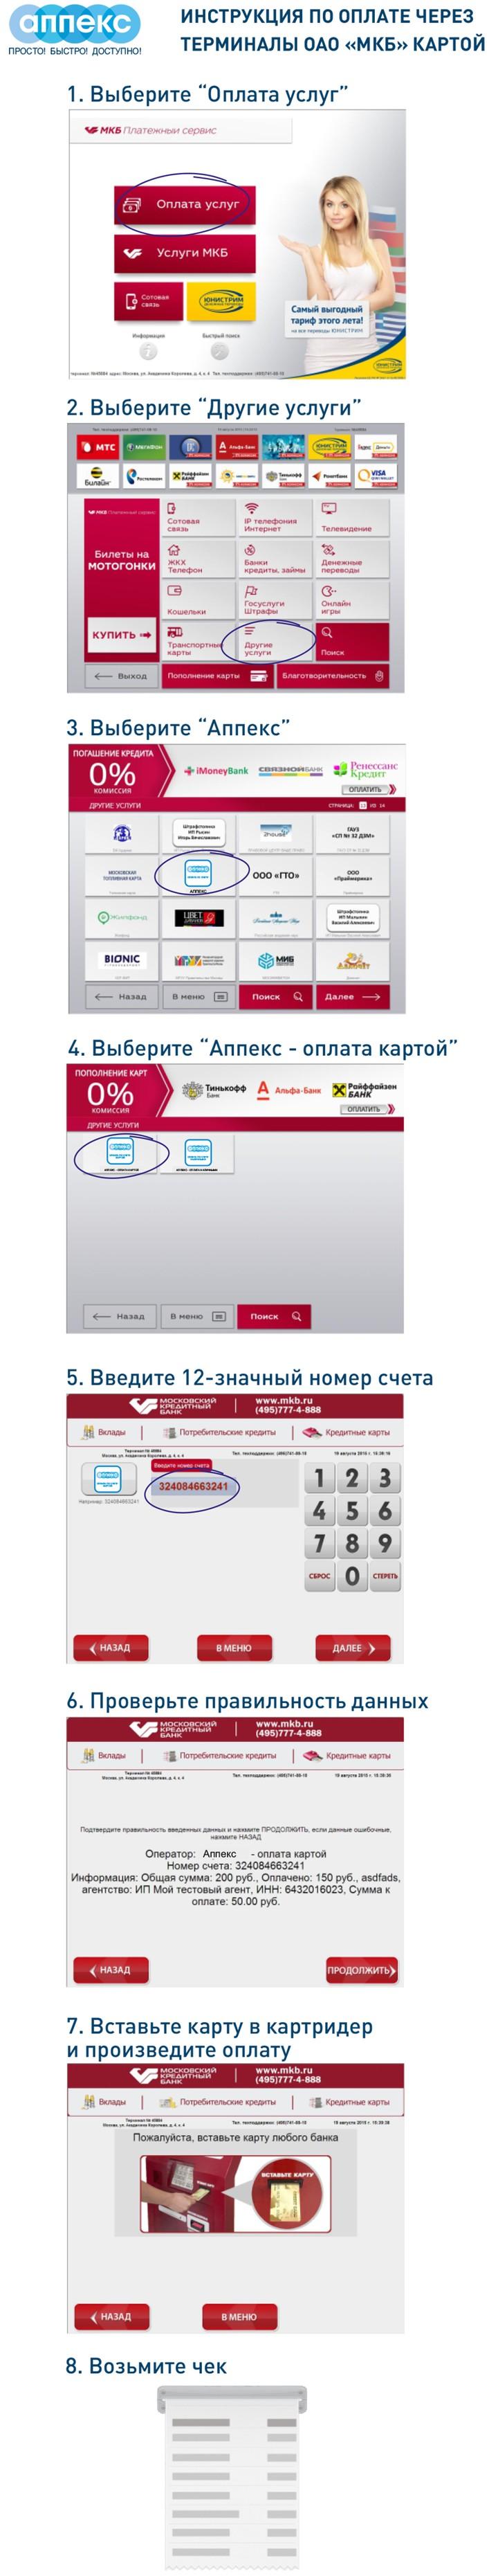 Инструкция по оплате в через терминалы ОАО «МКБ» банковской картой